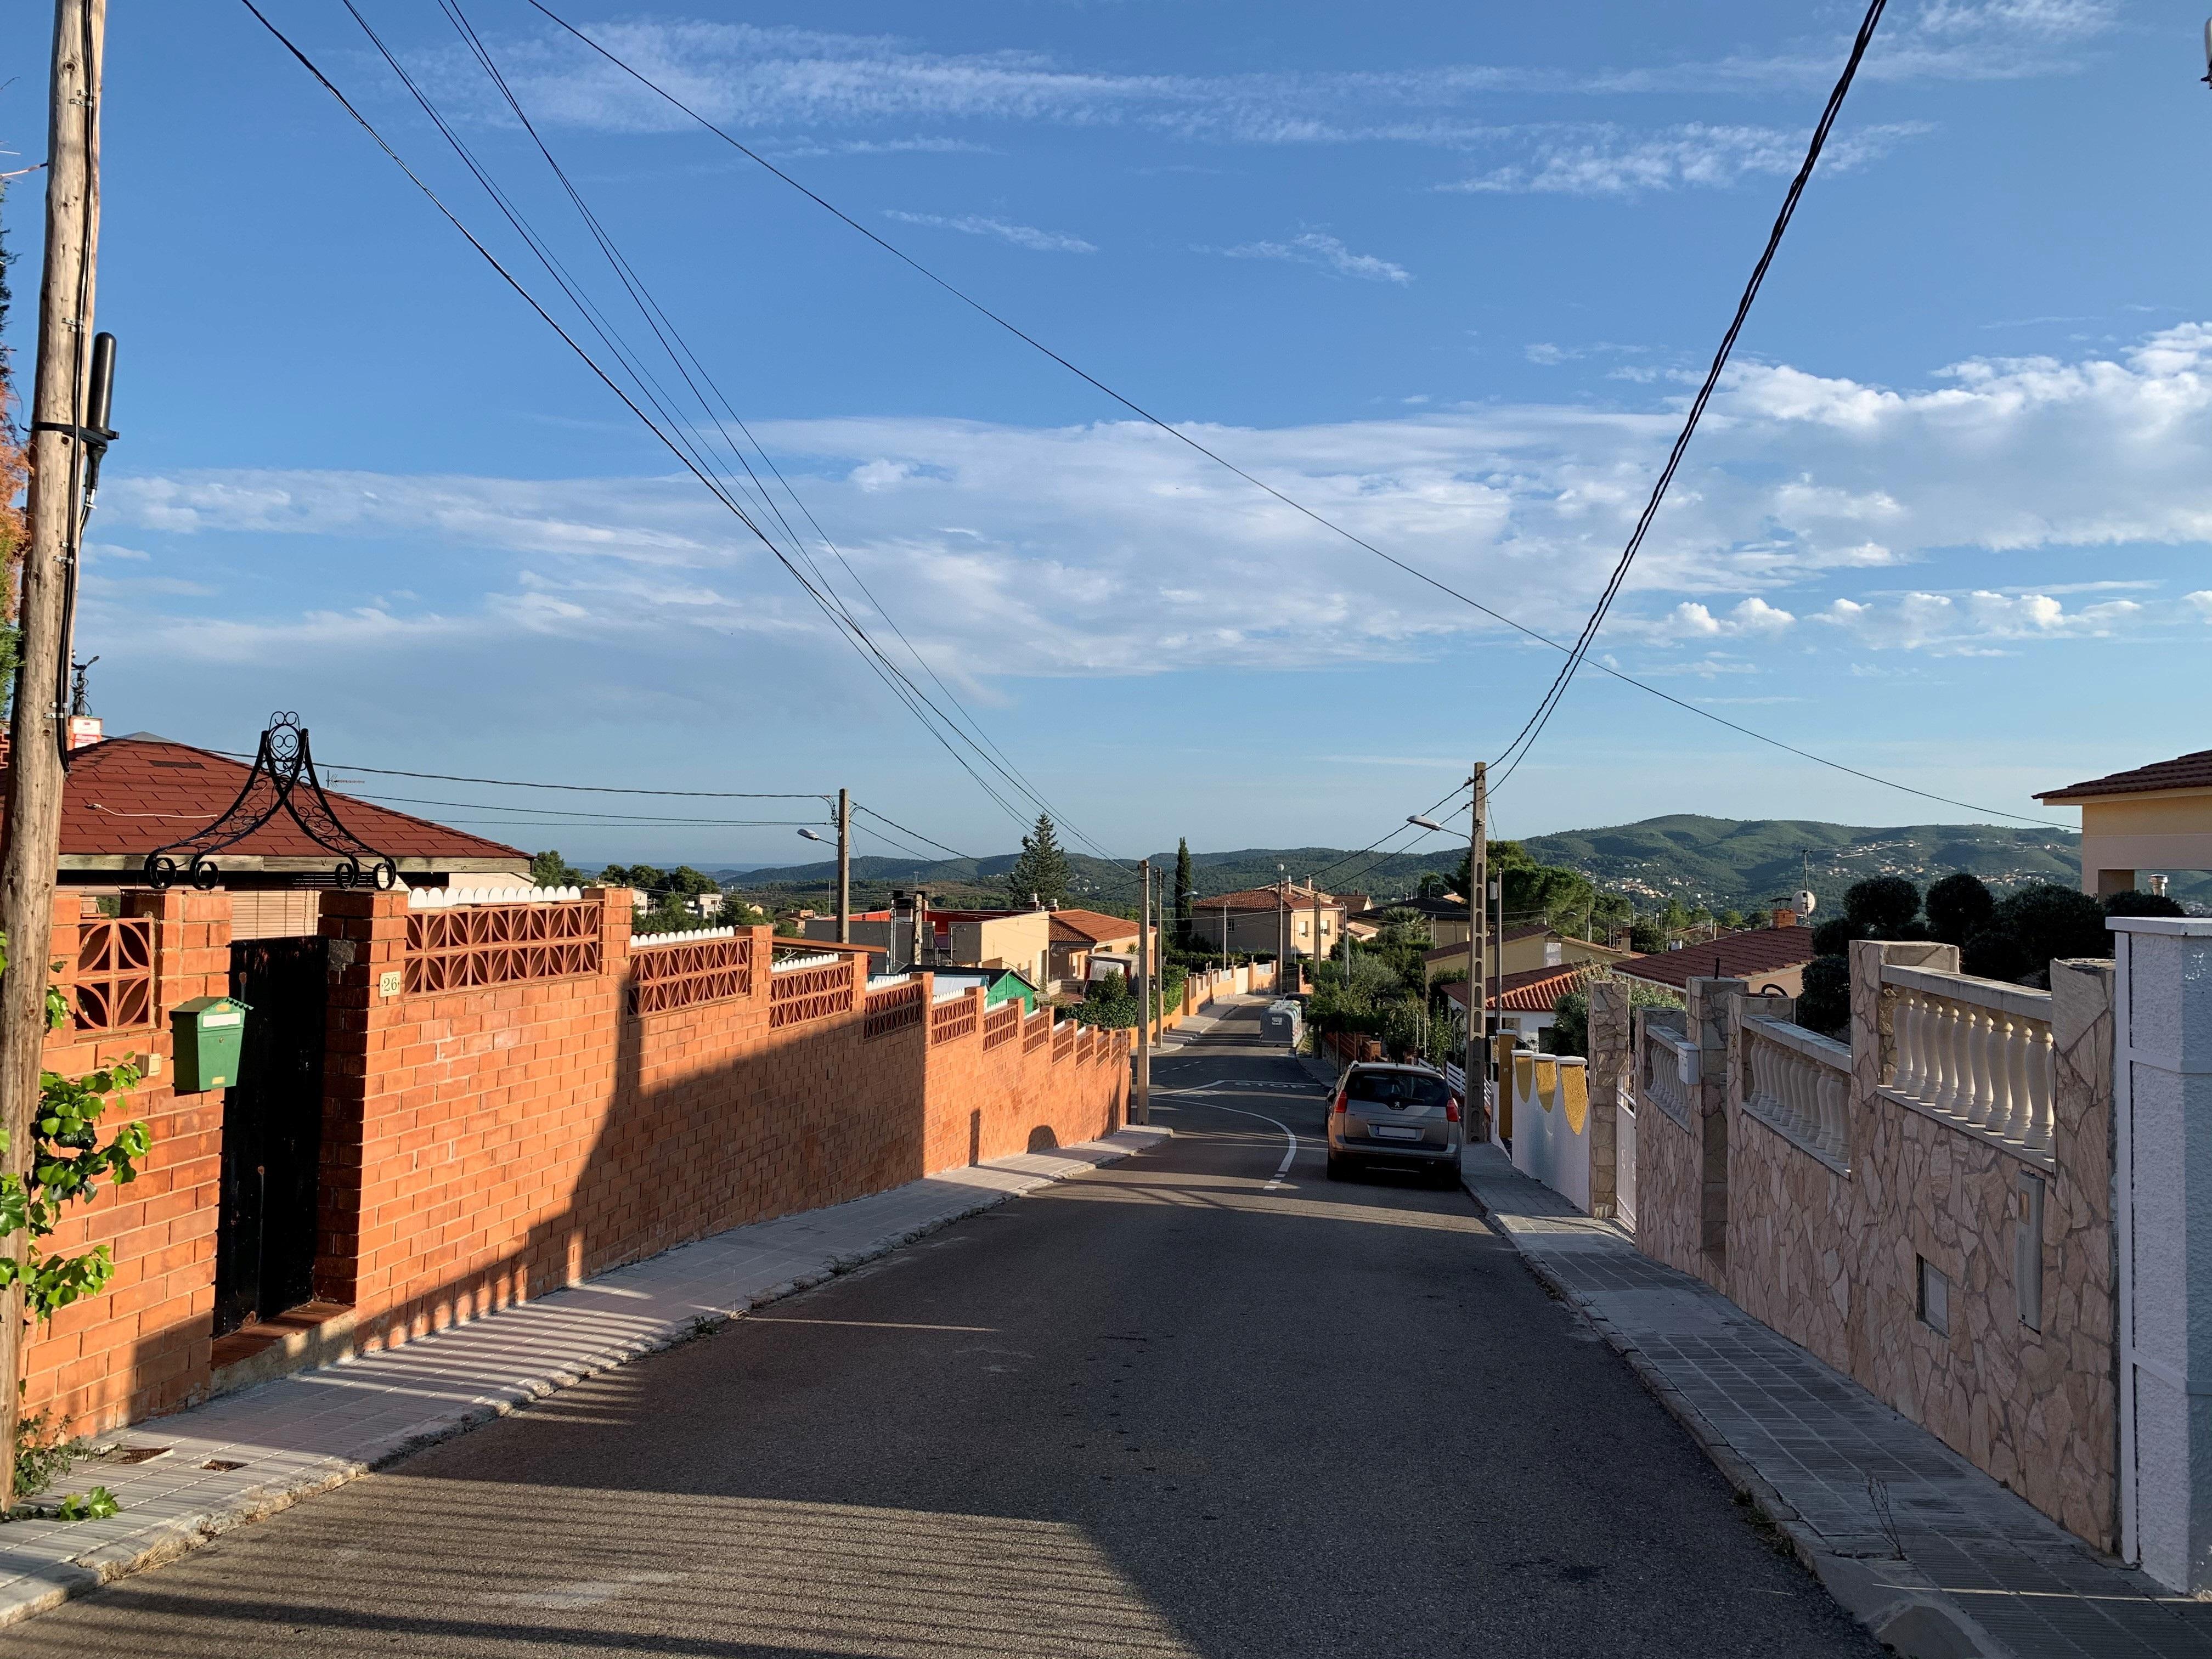 S'aprova un contracte per reparar la canonada del carrer Toledo del Priorat de la Bisbal